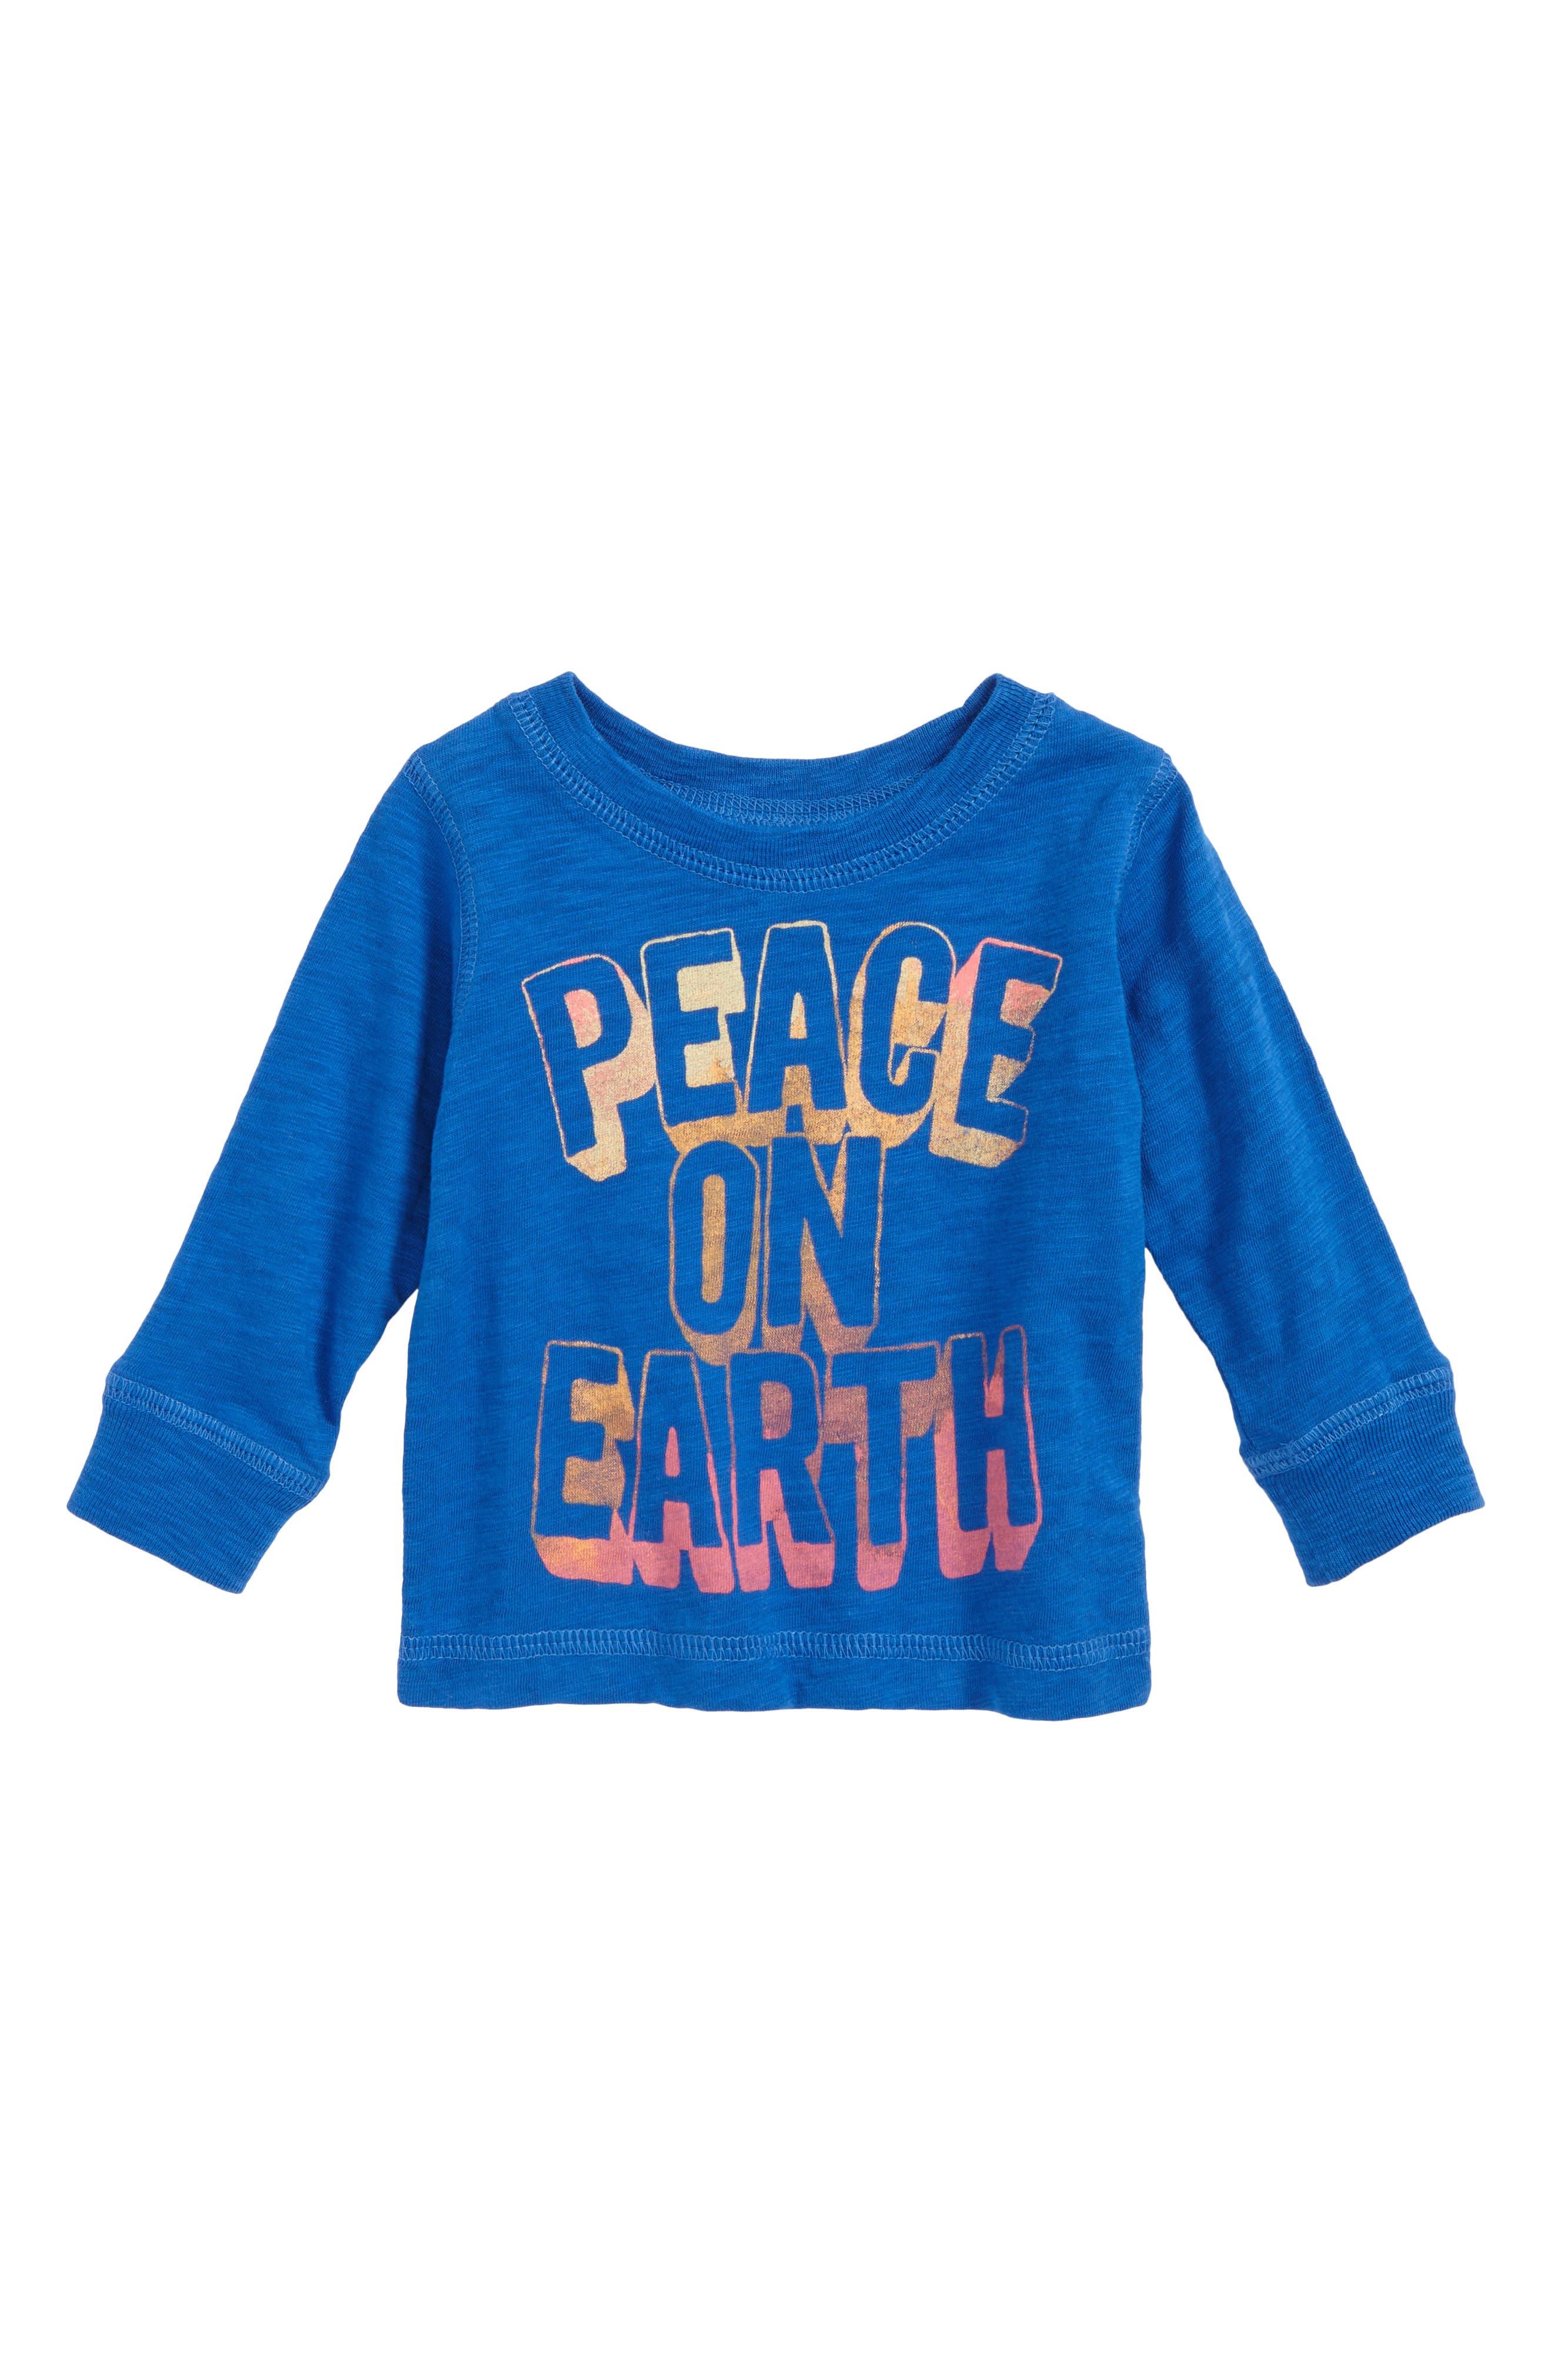 Peek Peace on Earth T-Shirt,                             Main thumbnail 1, color,                             Navy